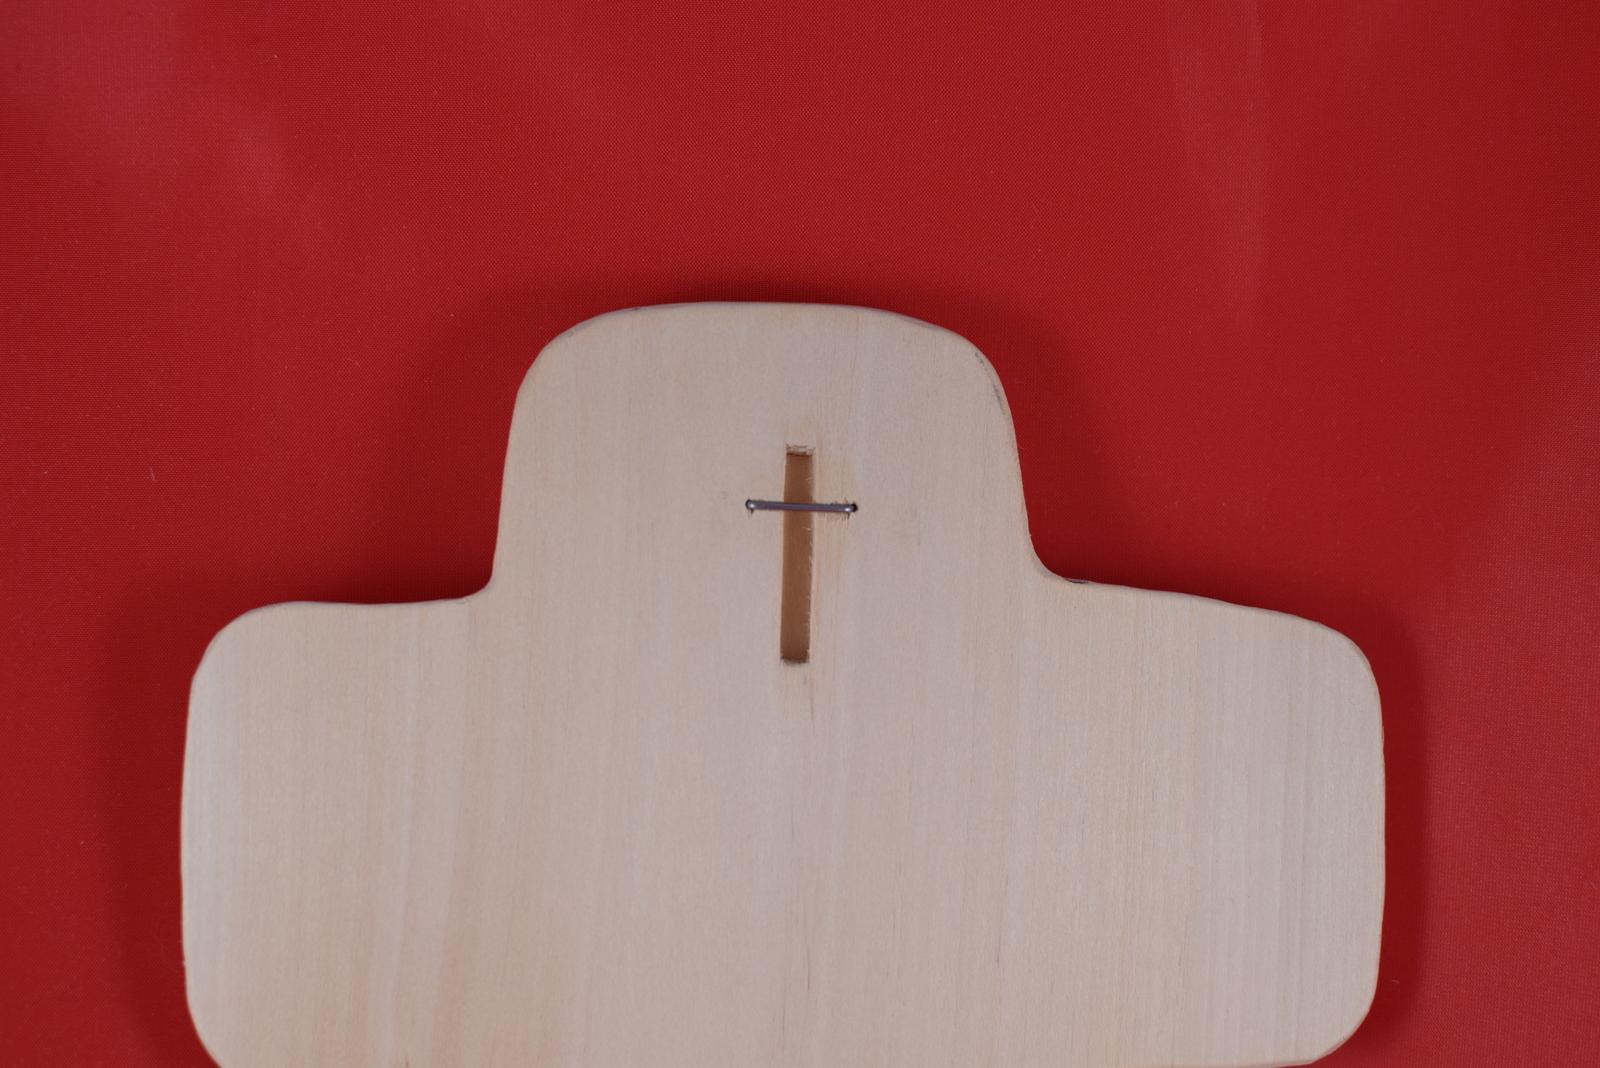 Drevený svadobný križik ako poďakovanie rodičom 1 - Obrázok č. 2